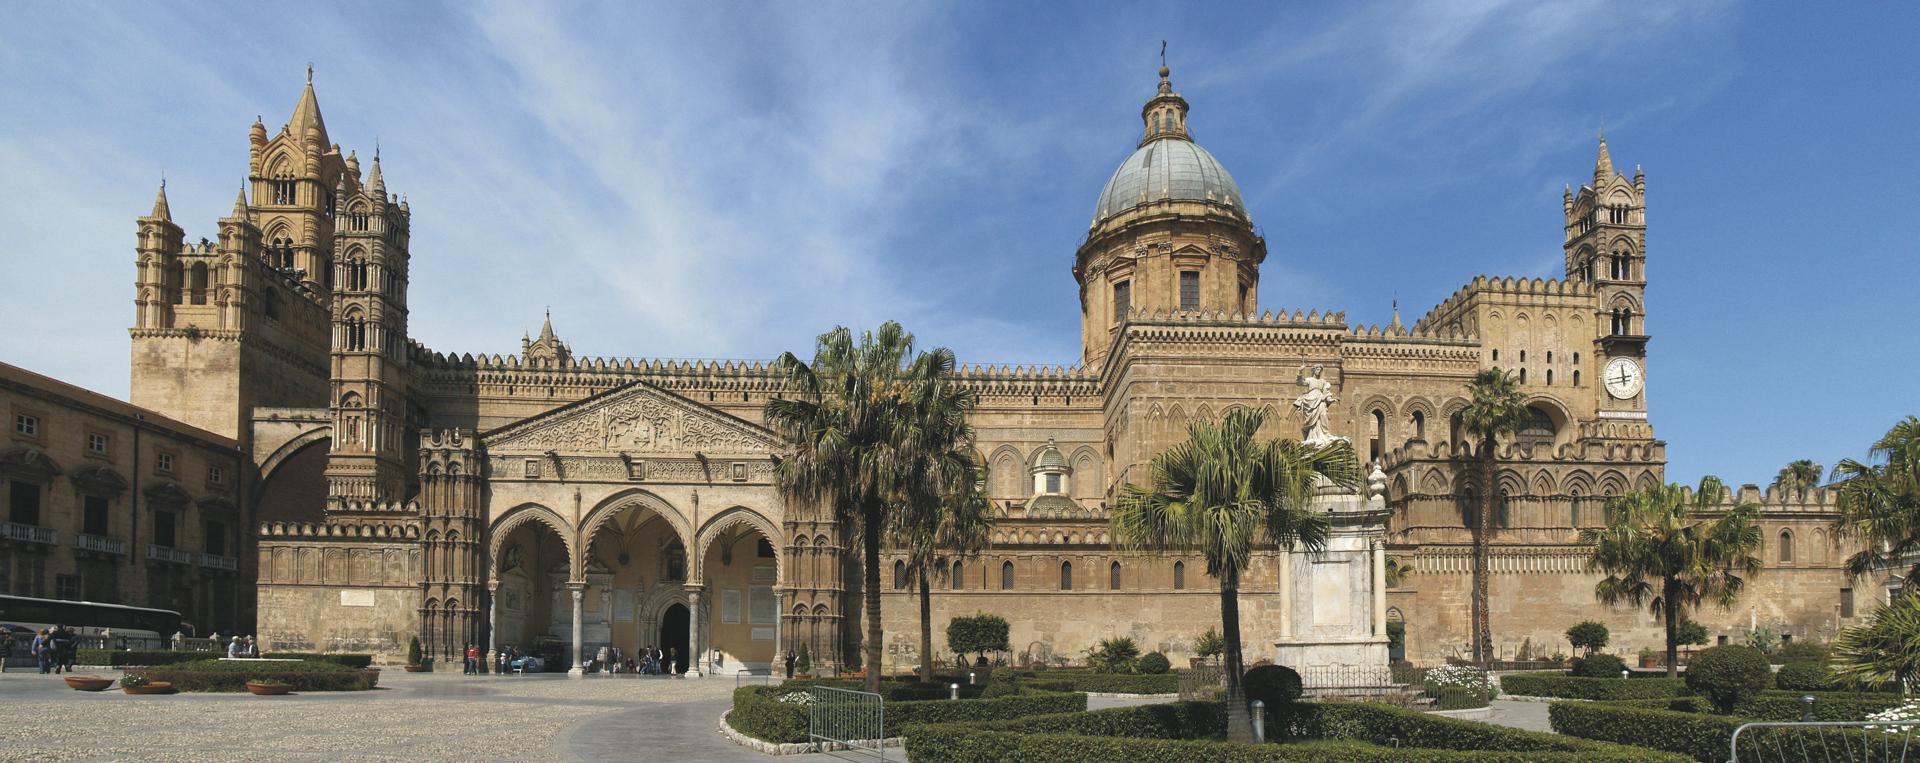 Palermo, ©Alba Incoming